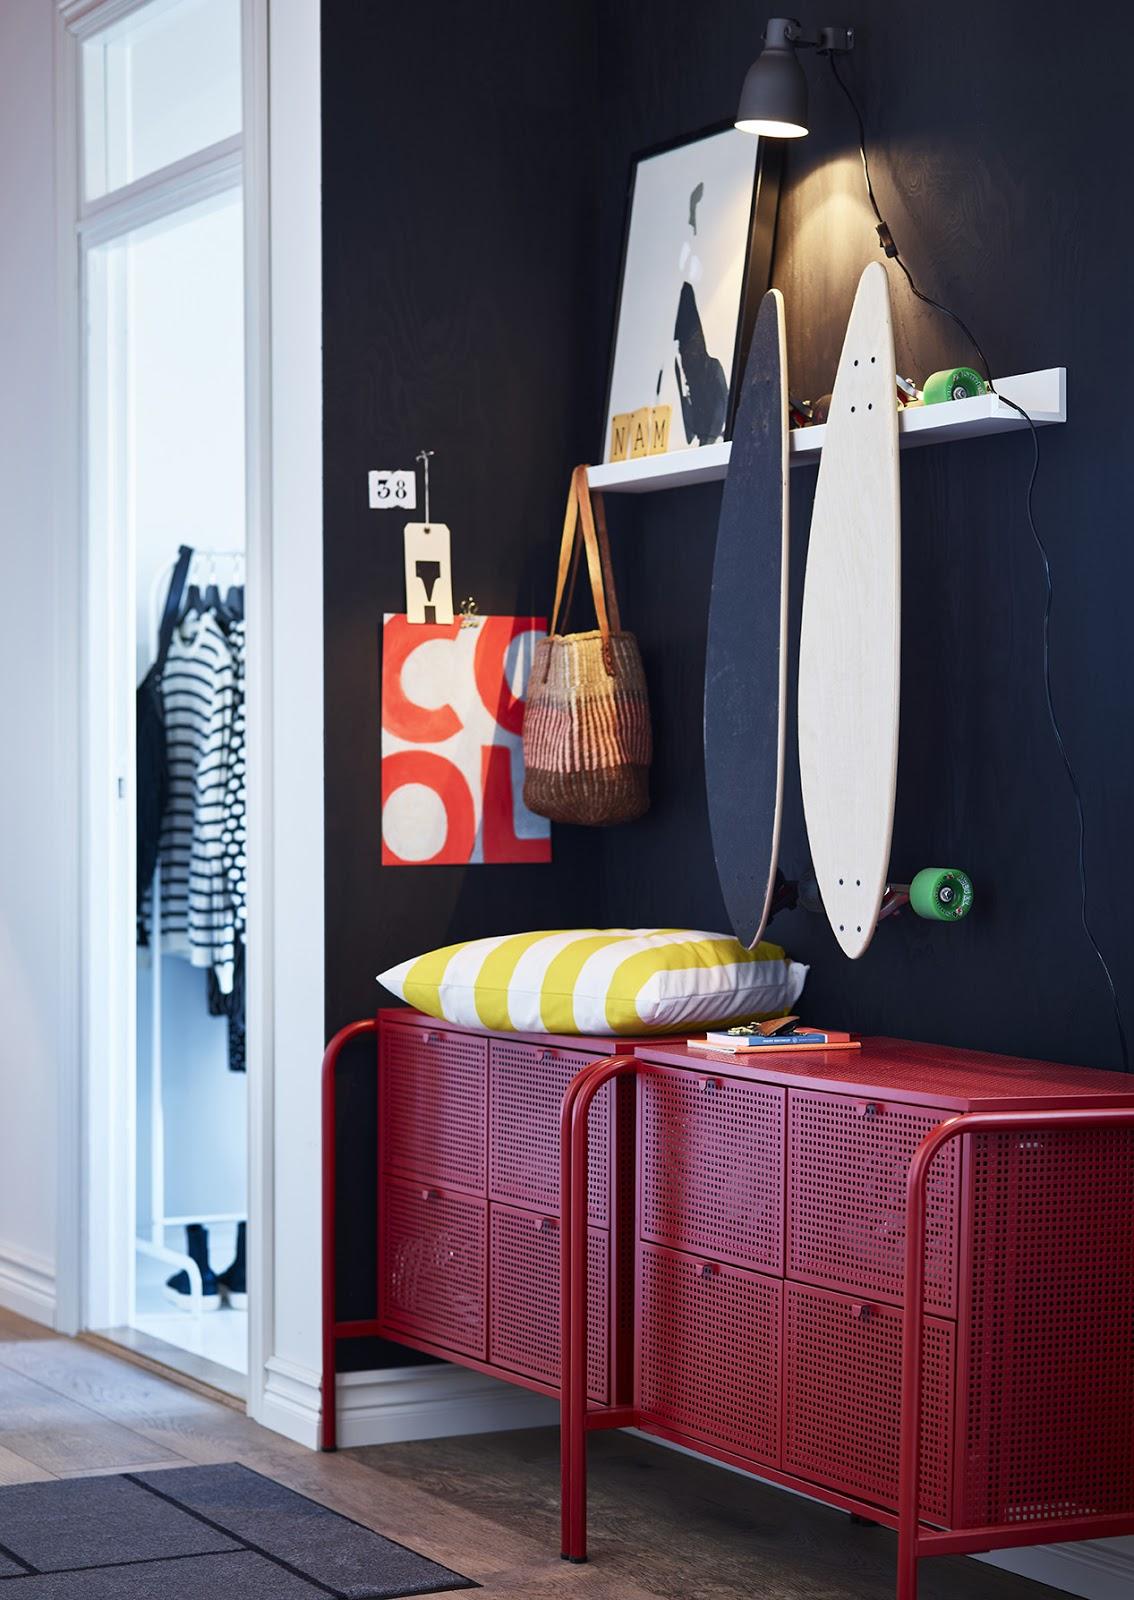 novedad catálogo ikea 2020 cómoda roja 4 cajones nikkeby NOVEDAD